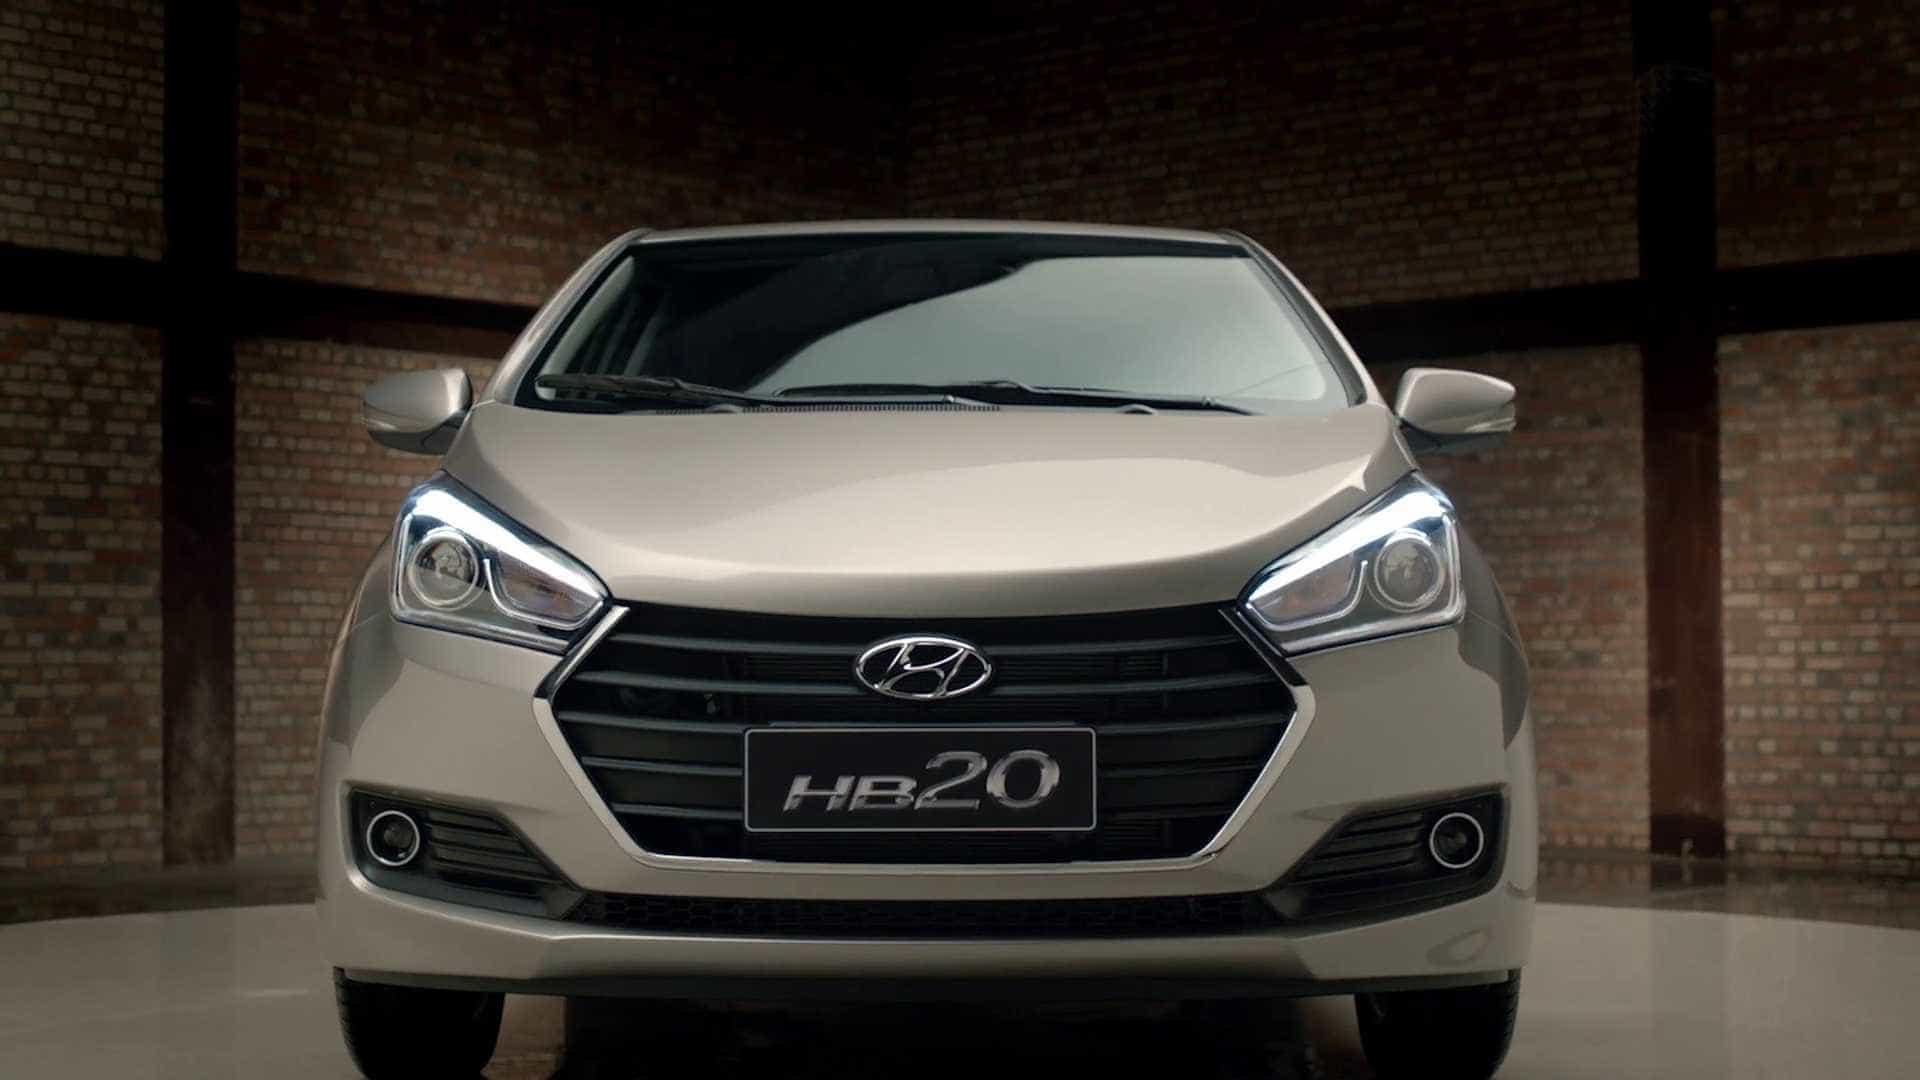 Novo Hyundai HB20 pode frear sozinho para evitar atropelamento